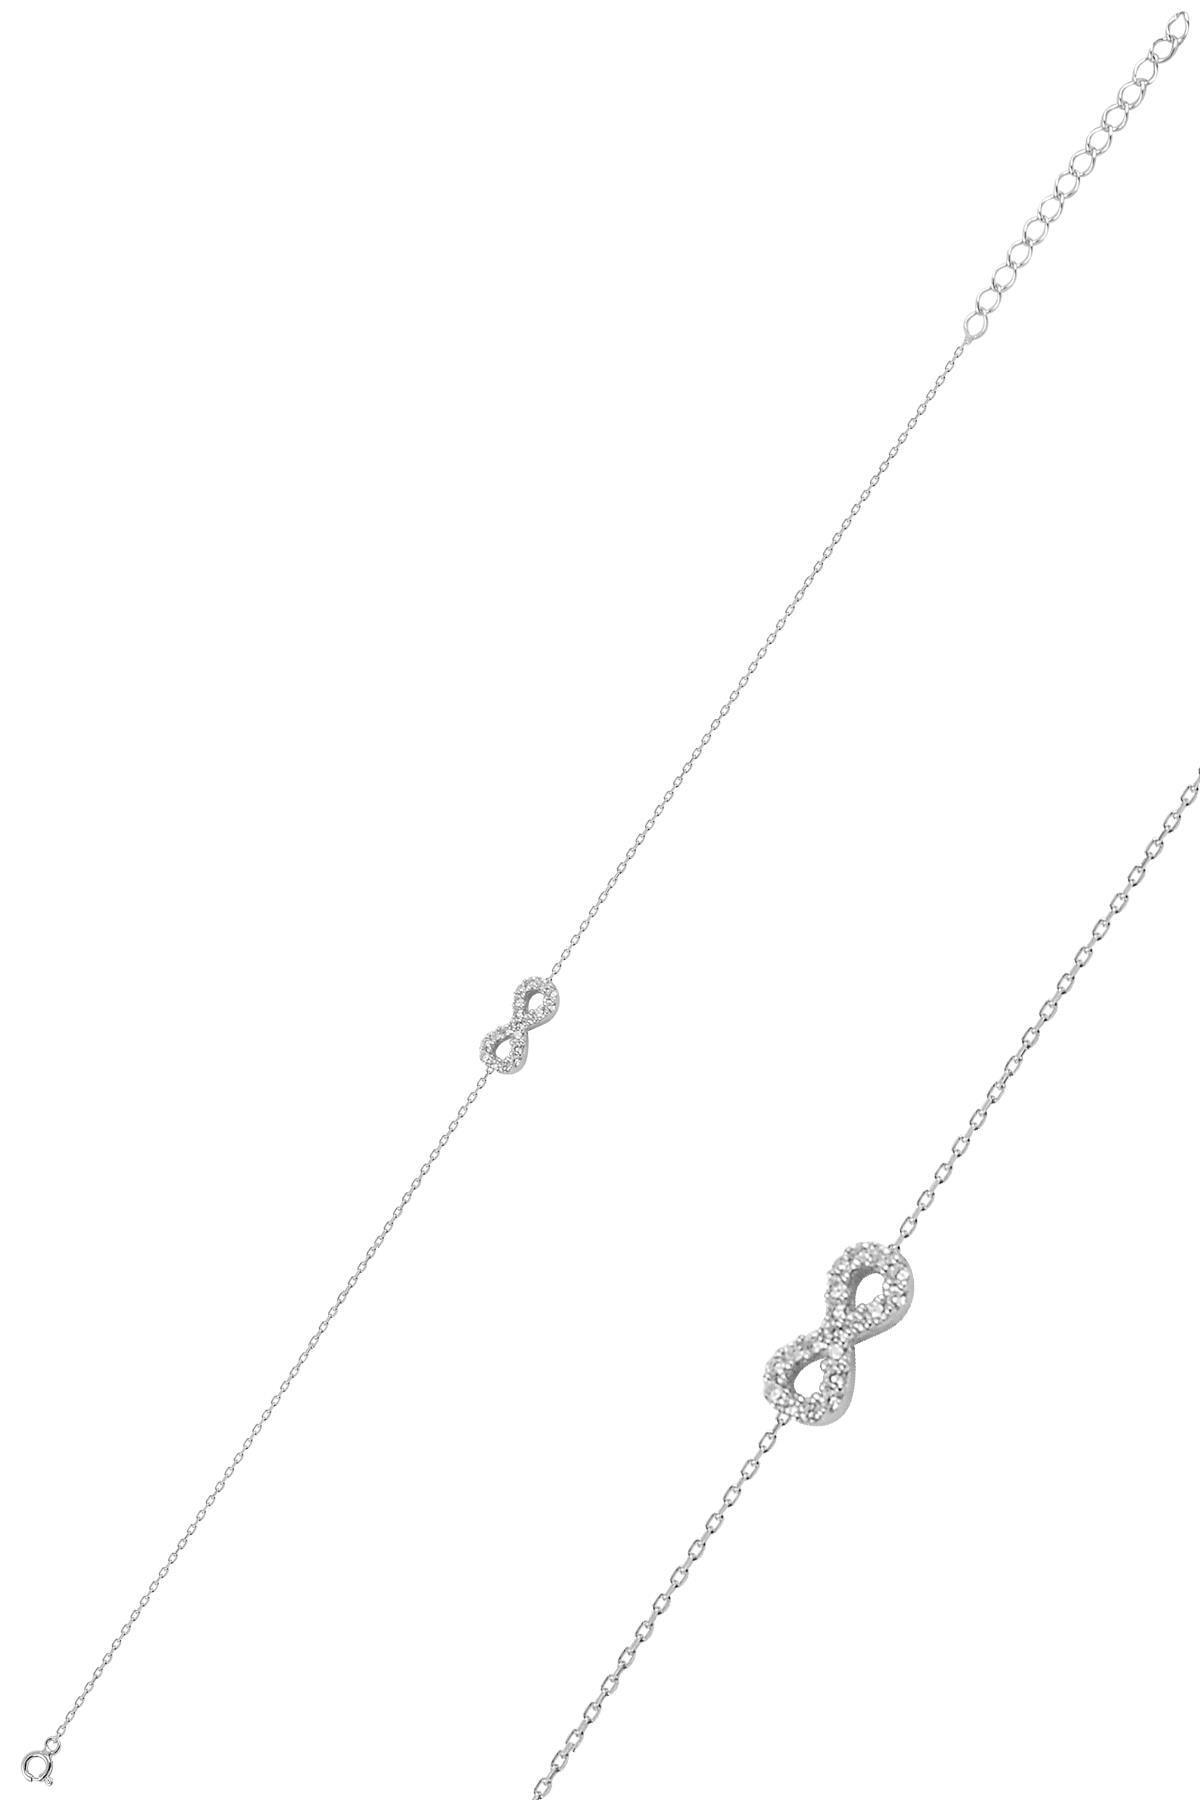 Söğütlü Silver Gümüş Rodyumlu Sonsuzluk Bileklik 0